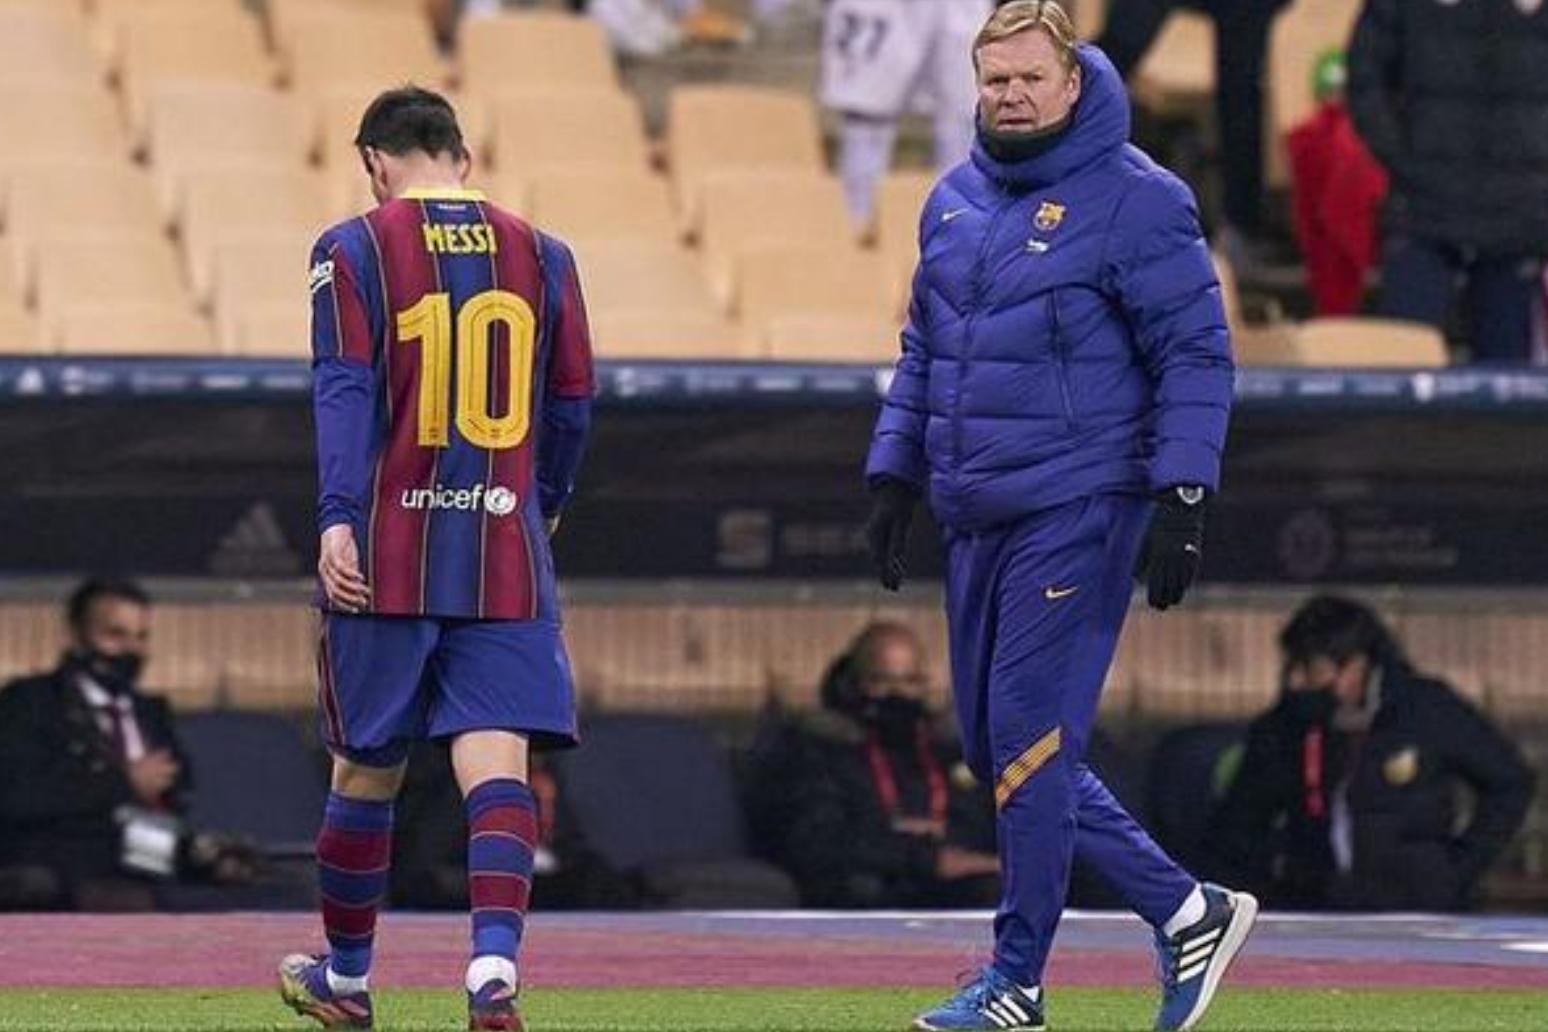 西媒称梅西最多可能被禁赛4场,禁令可能延续至西甲和国王杯-今球app官网